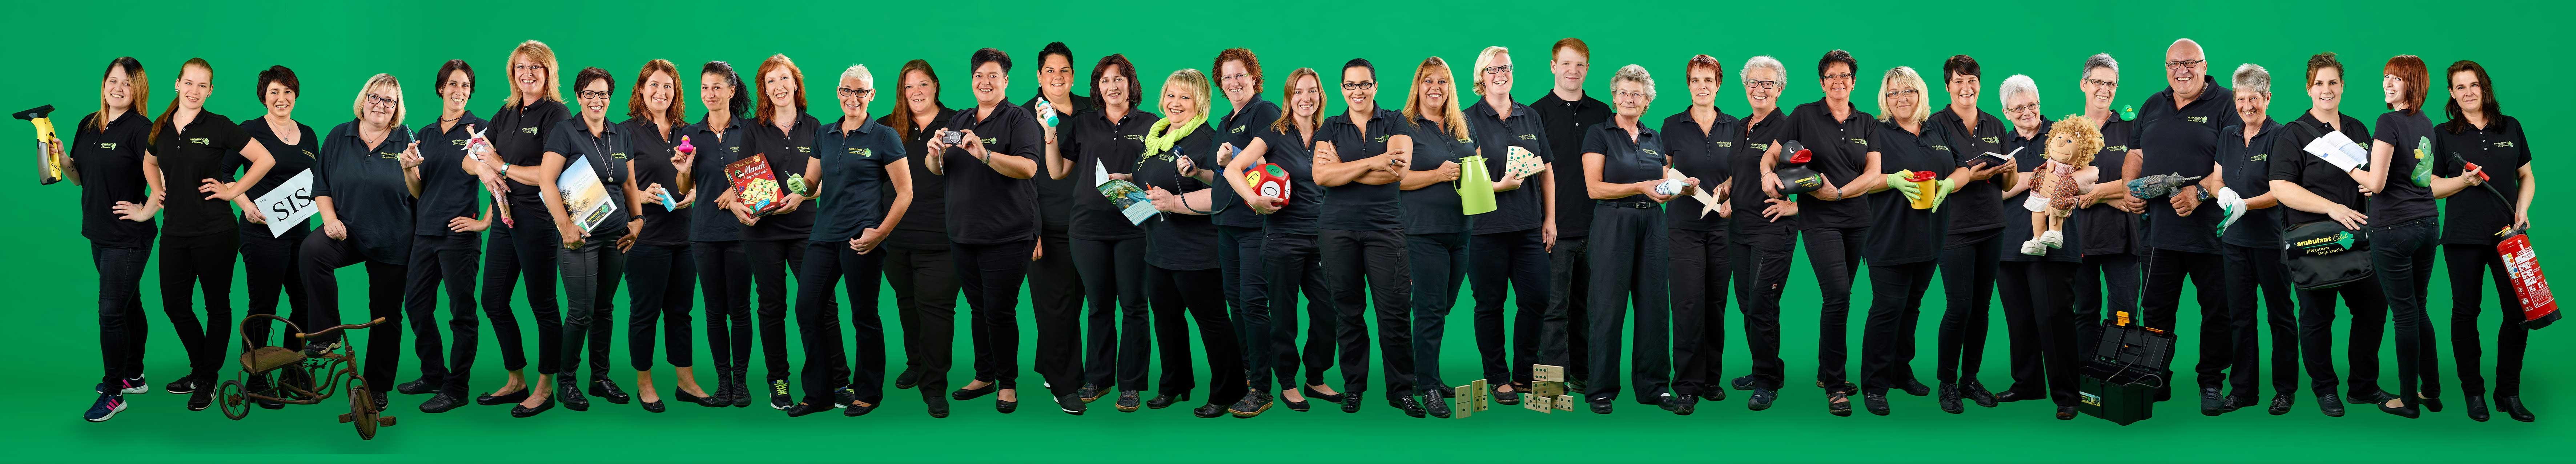 Tea, Eifel Ambulant, Kracht, Eifel, Ambulant, Team pflege, Pflege in der Eifel, Eifel Pflege